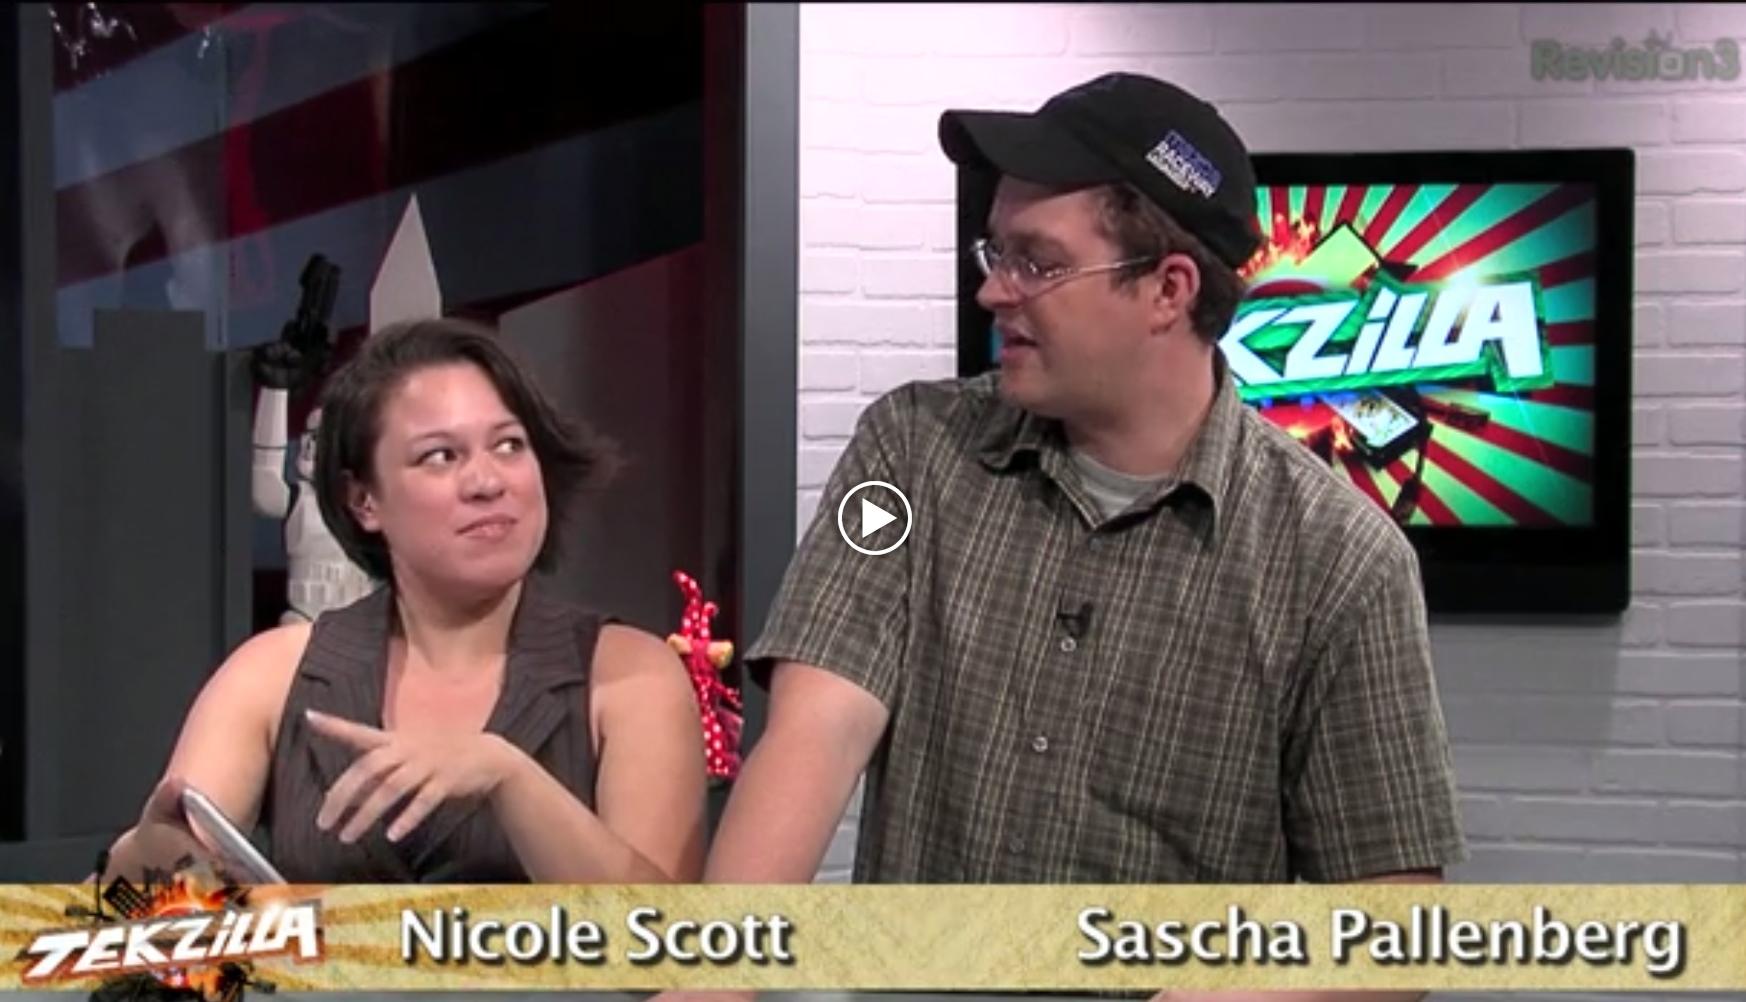 Nicole und Sascha zeigen $50 Tablets bei Tekzilla